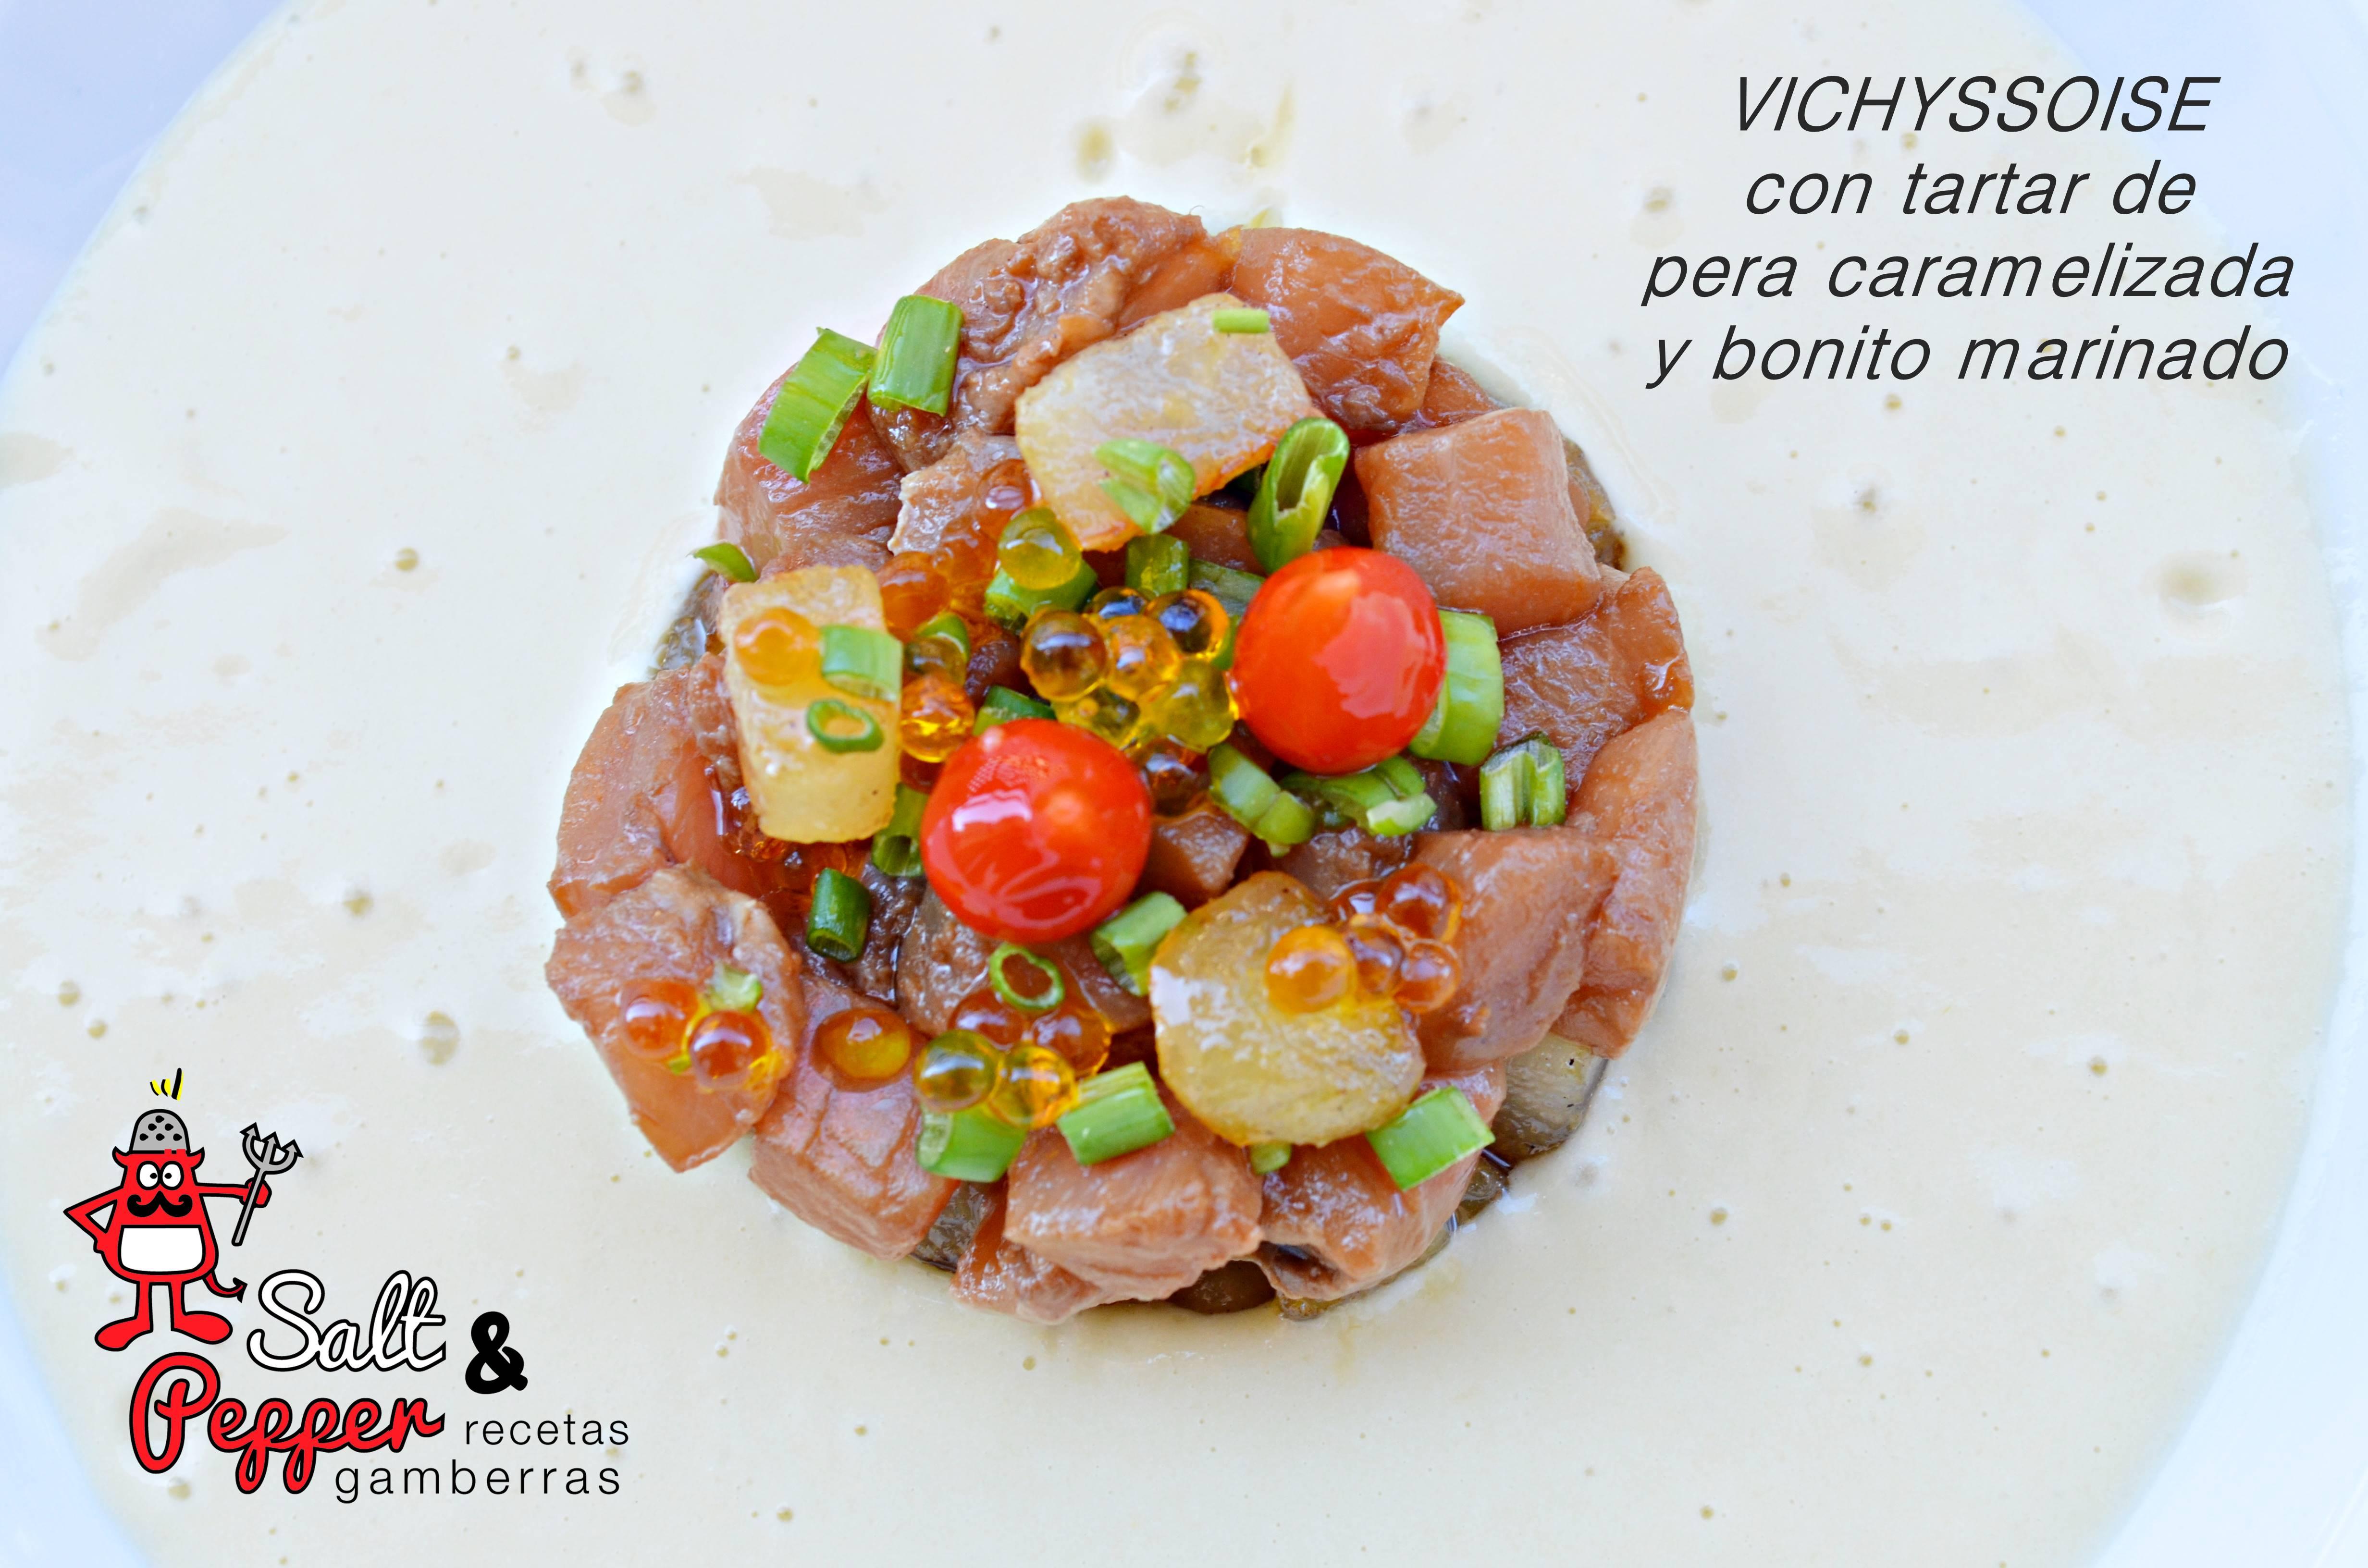 Plato de vichyssoise con tartar de pera caramelizada y bonito.